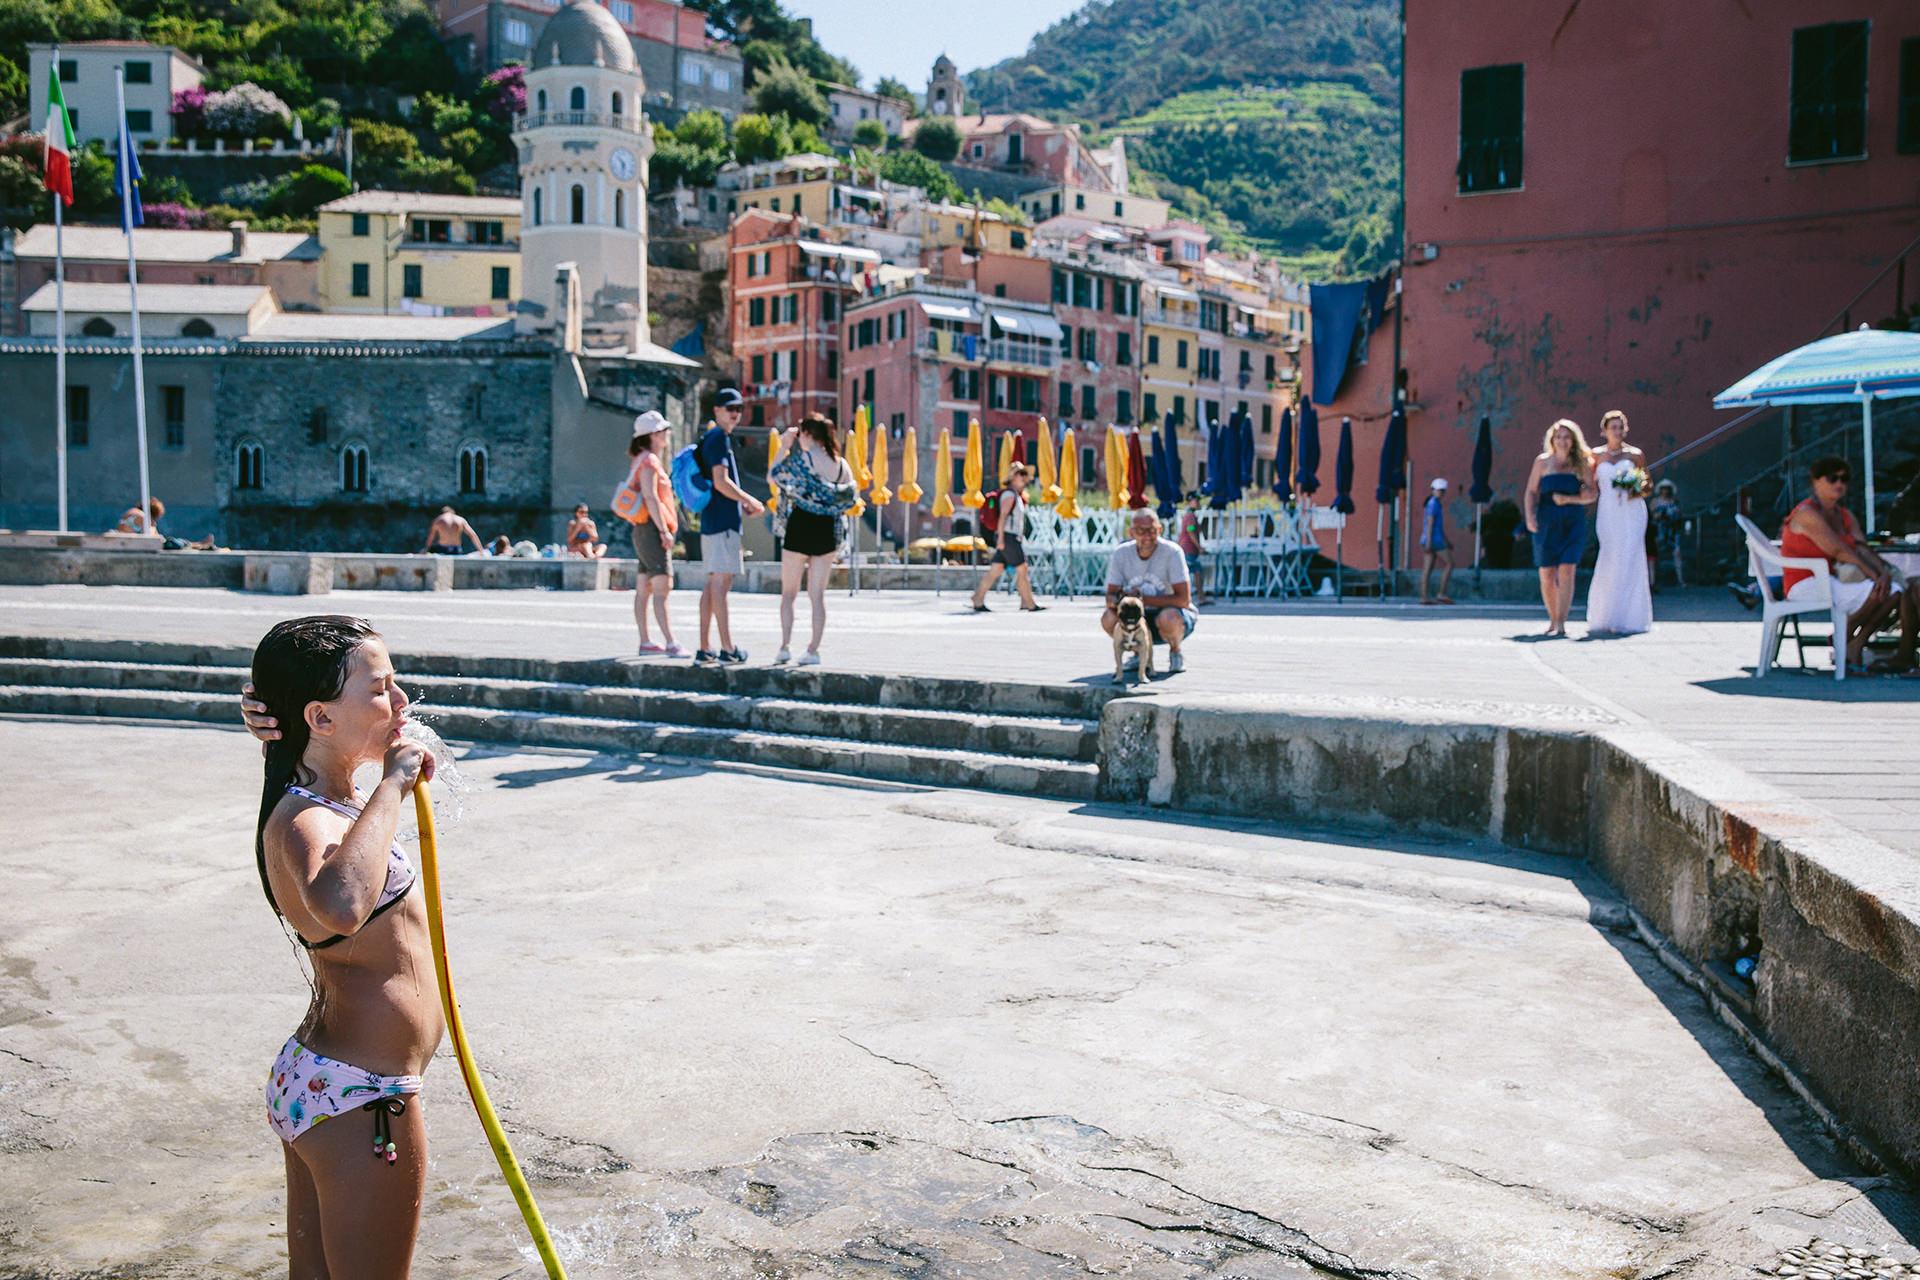 Mariage de village de pêcheurs en Italie - IT Elopement Photo | Mariée et demoiselle d'honneur s'approchant de la jetée de Vernazza